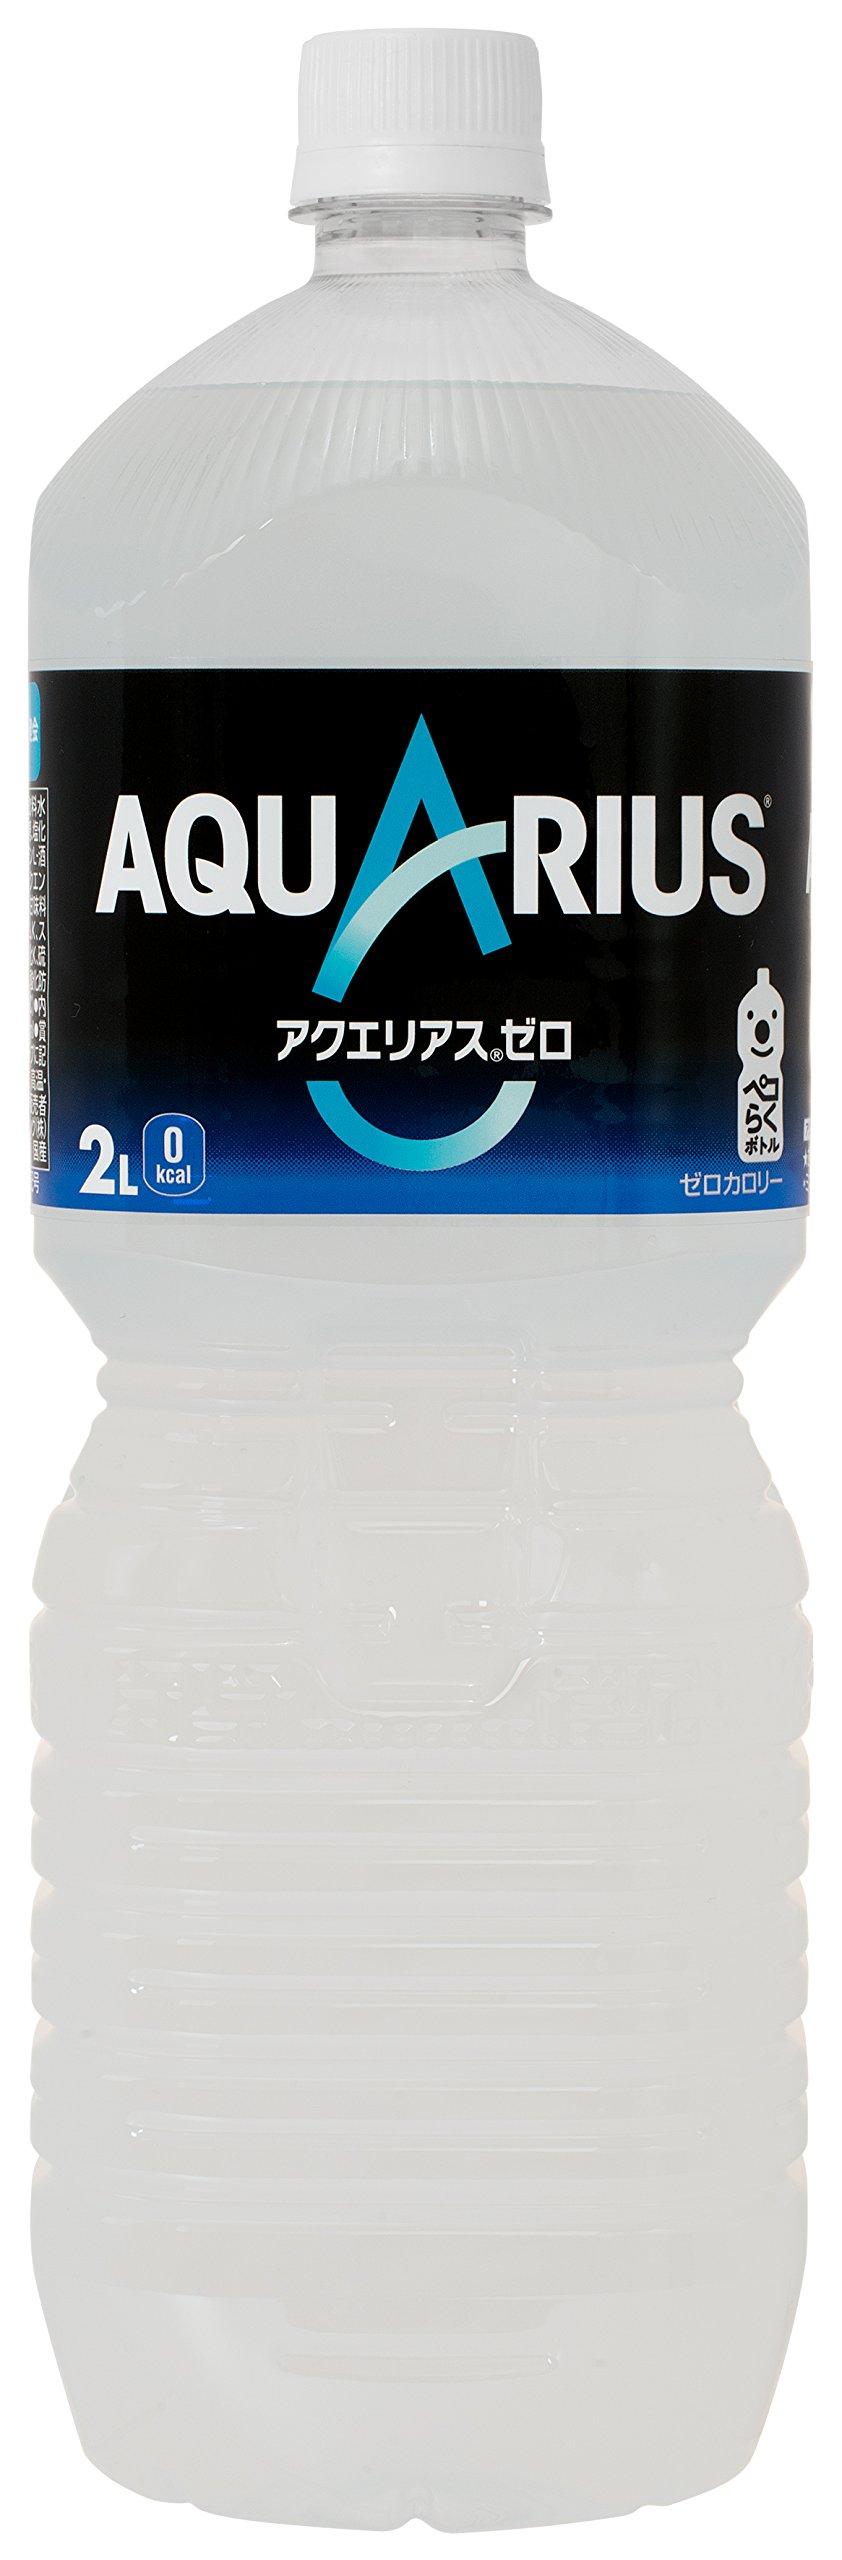 [2CS] Coca-Cola Aquarius zero (2.0L ~ 6 this) ~ 2 boxes